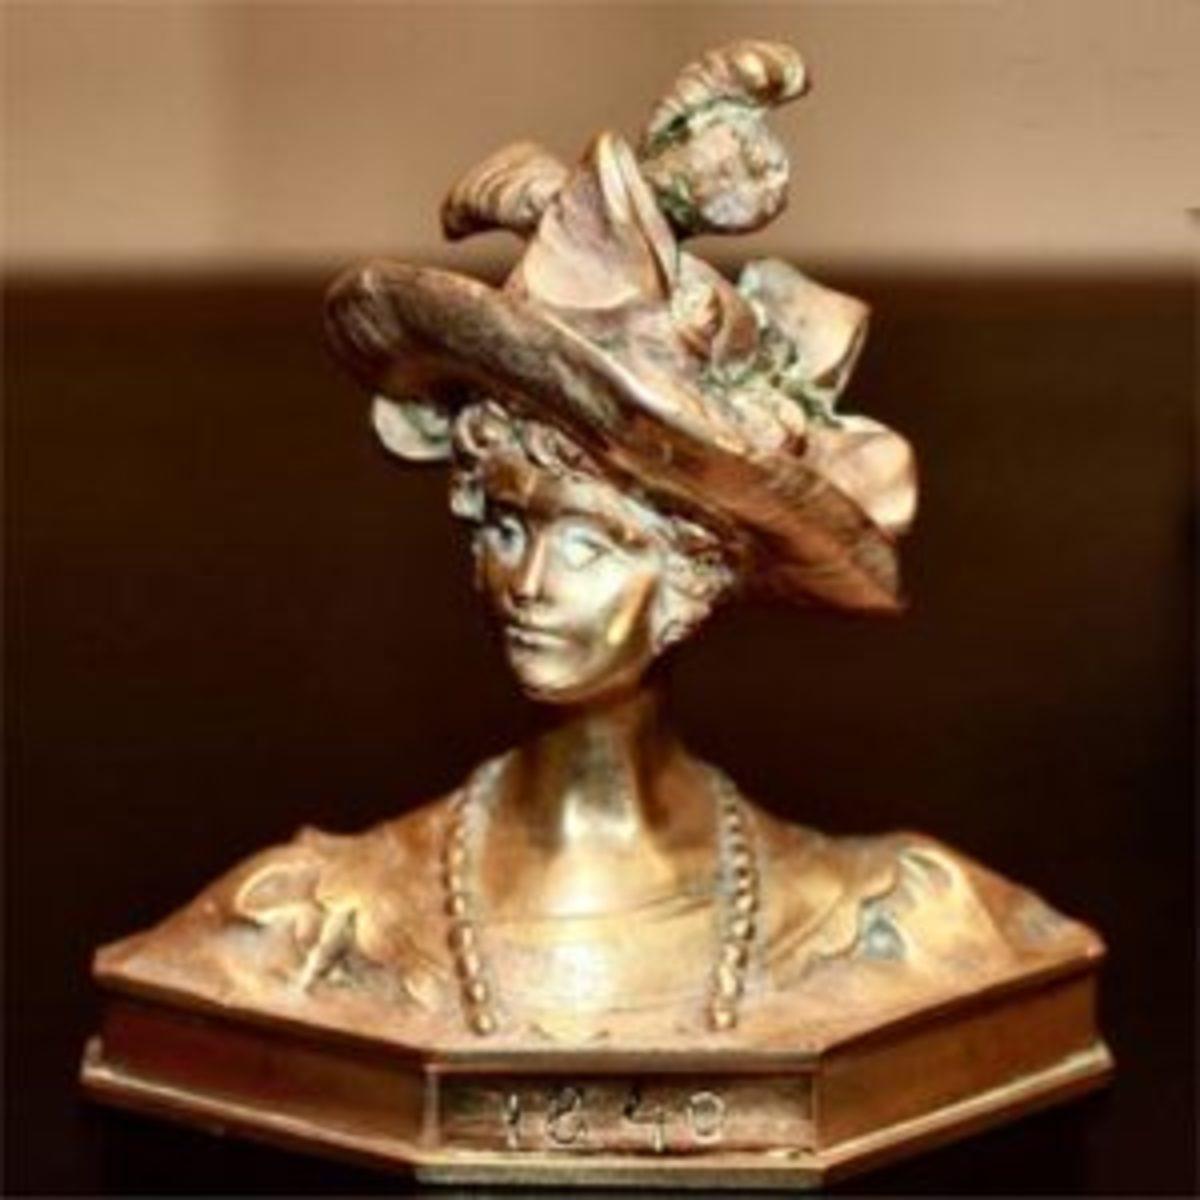 Gruber Viennese fashion bust